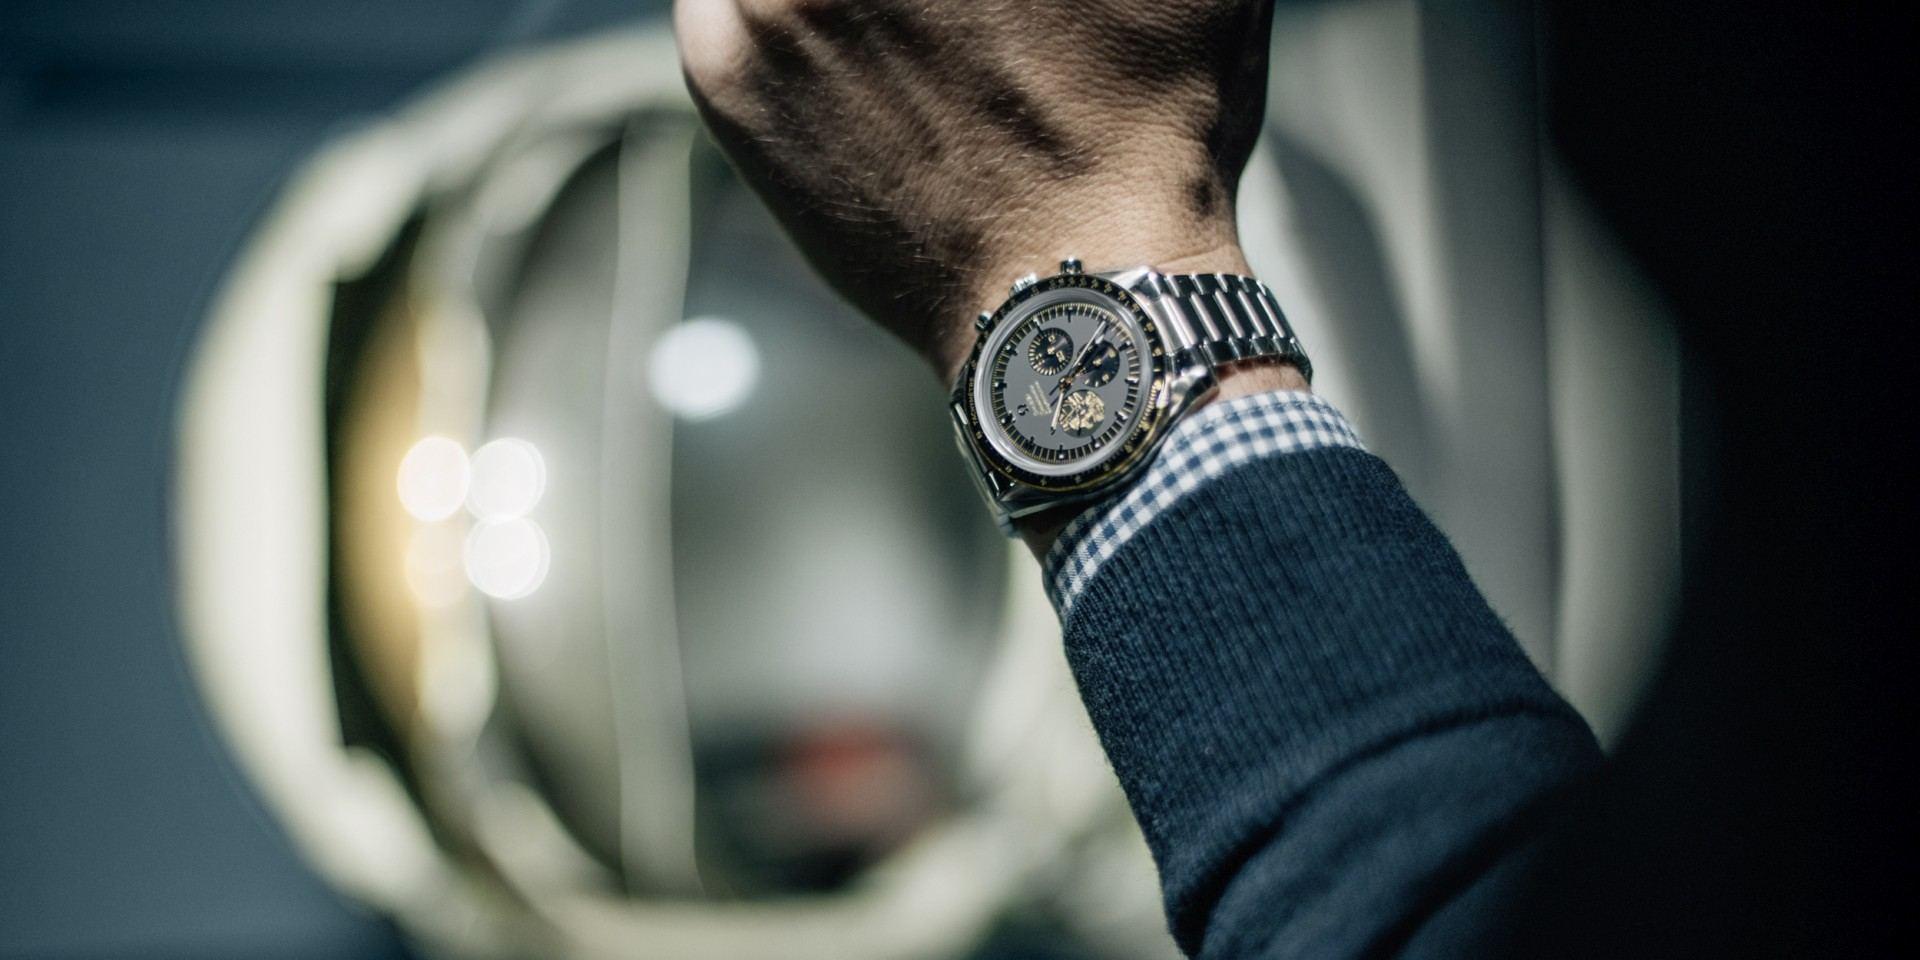 阿波羅11號登月五十周年,Omega推出Speedmaster Apollo 11 50th Anniversary Limited Edition限量版腕錶